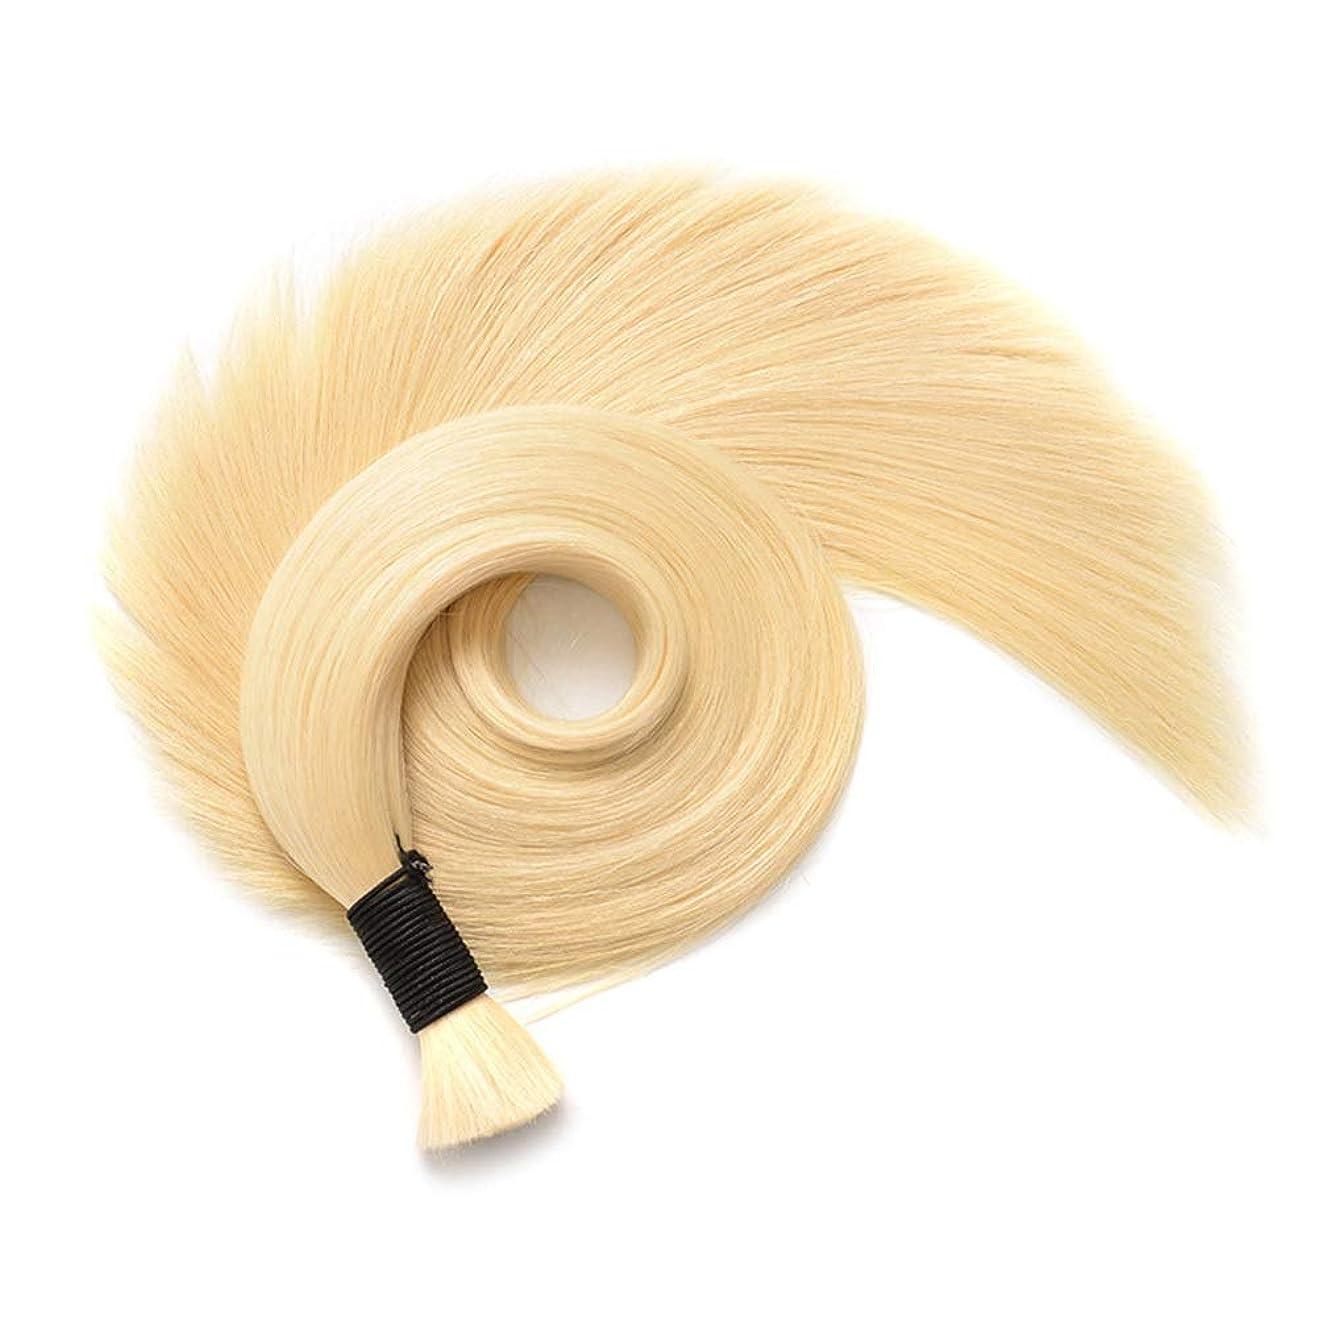 超越する入植者急行するJULYTER 華麗なブロンドの人間の毛髪延長剤曲がりくねったナノリングヘアエクステンション50g /パッケージ (色 : 70cm)